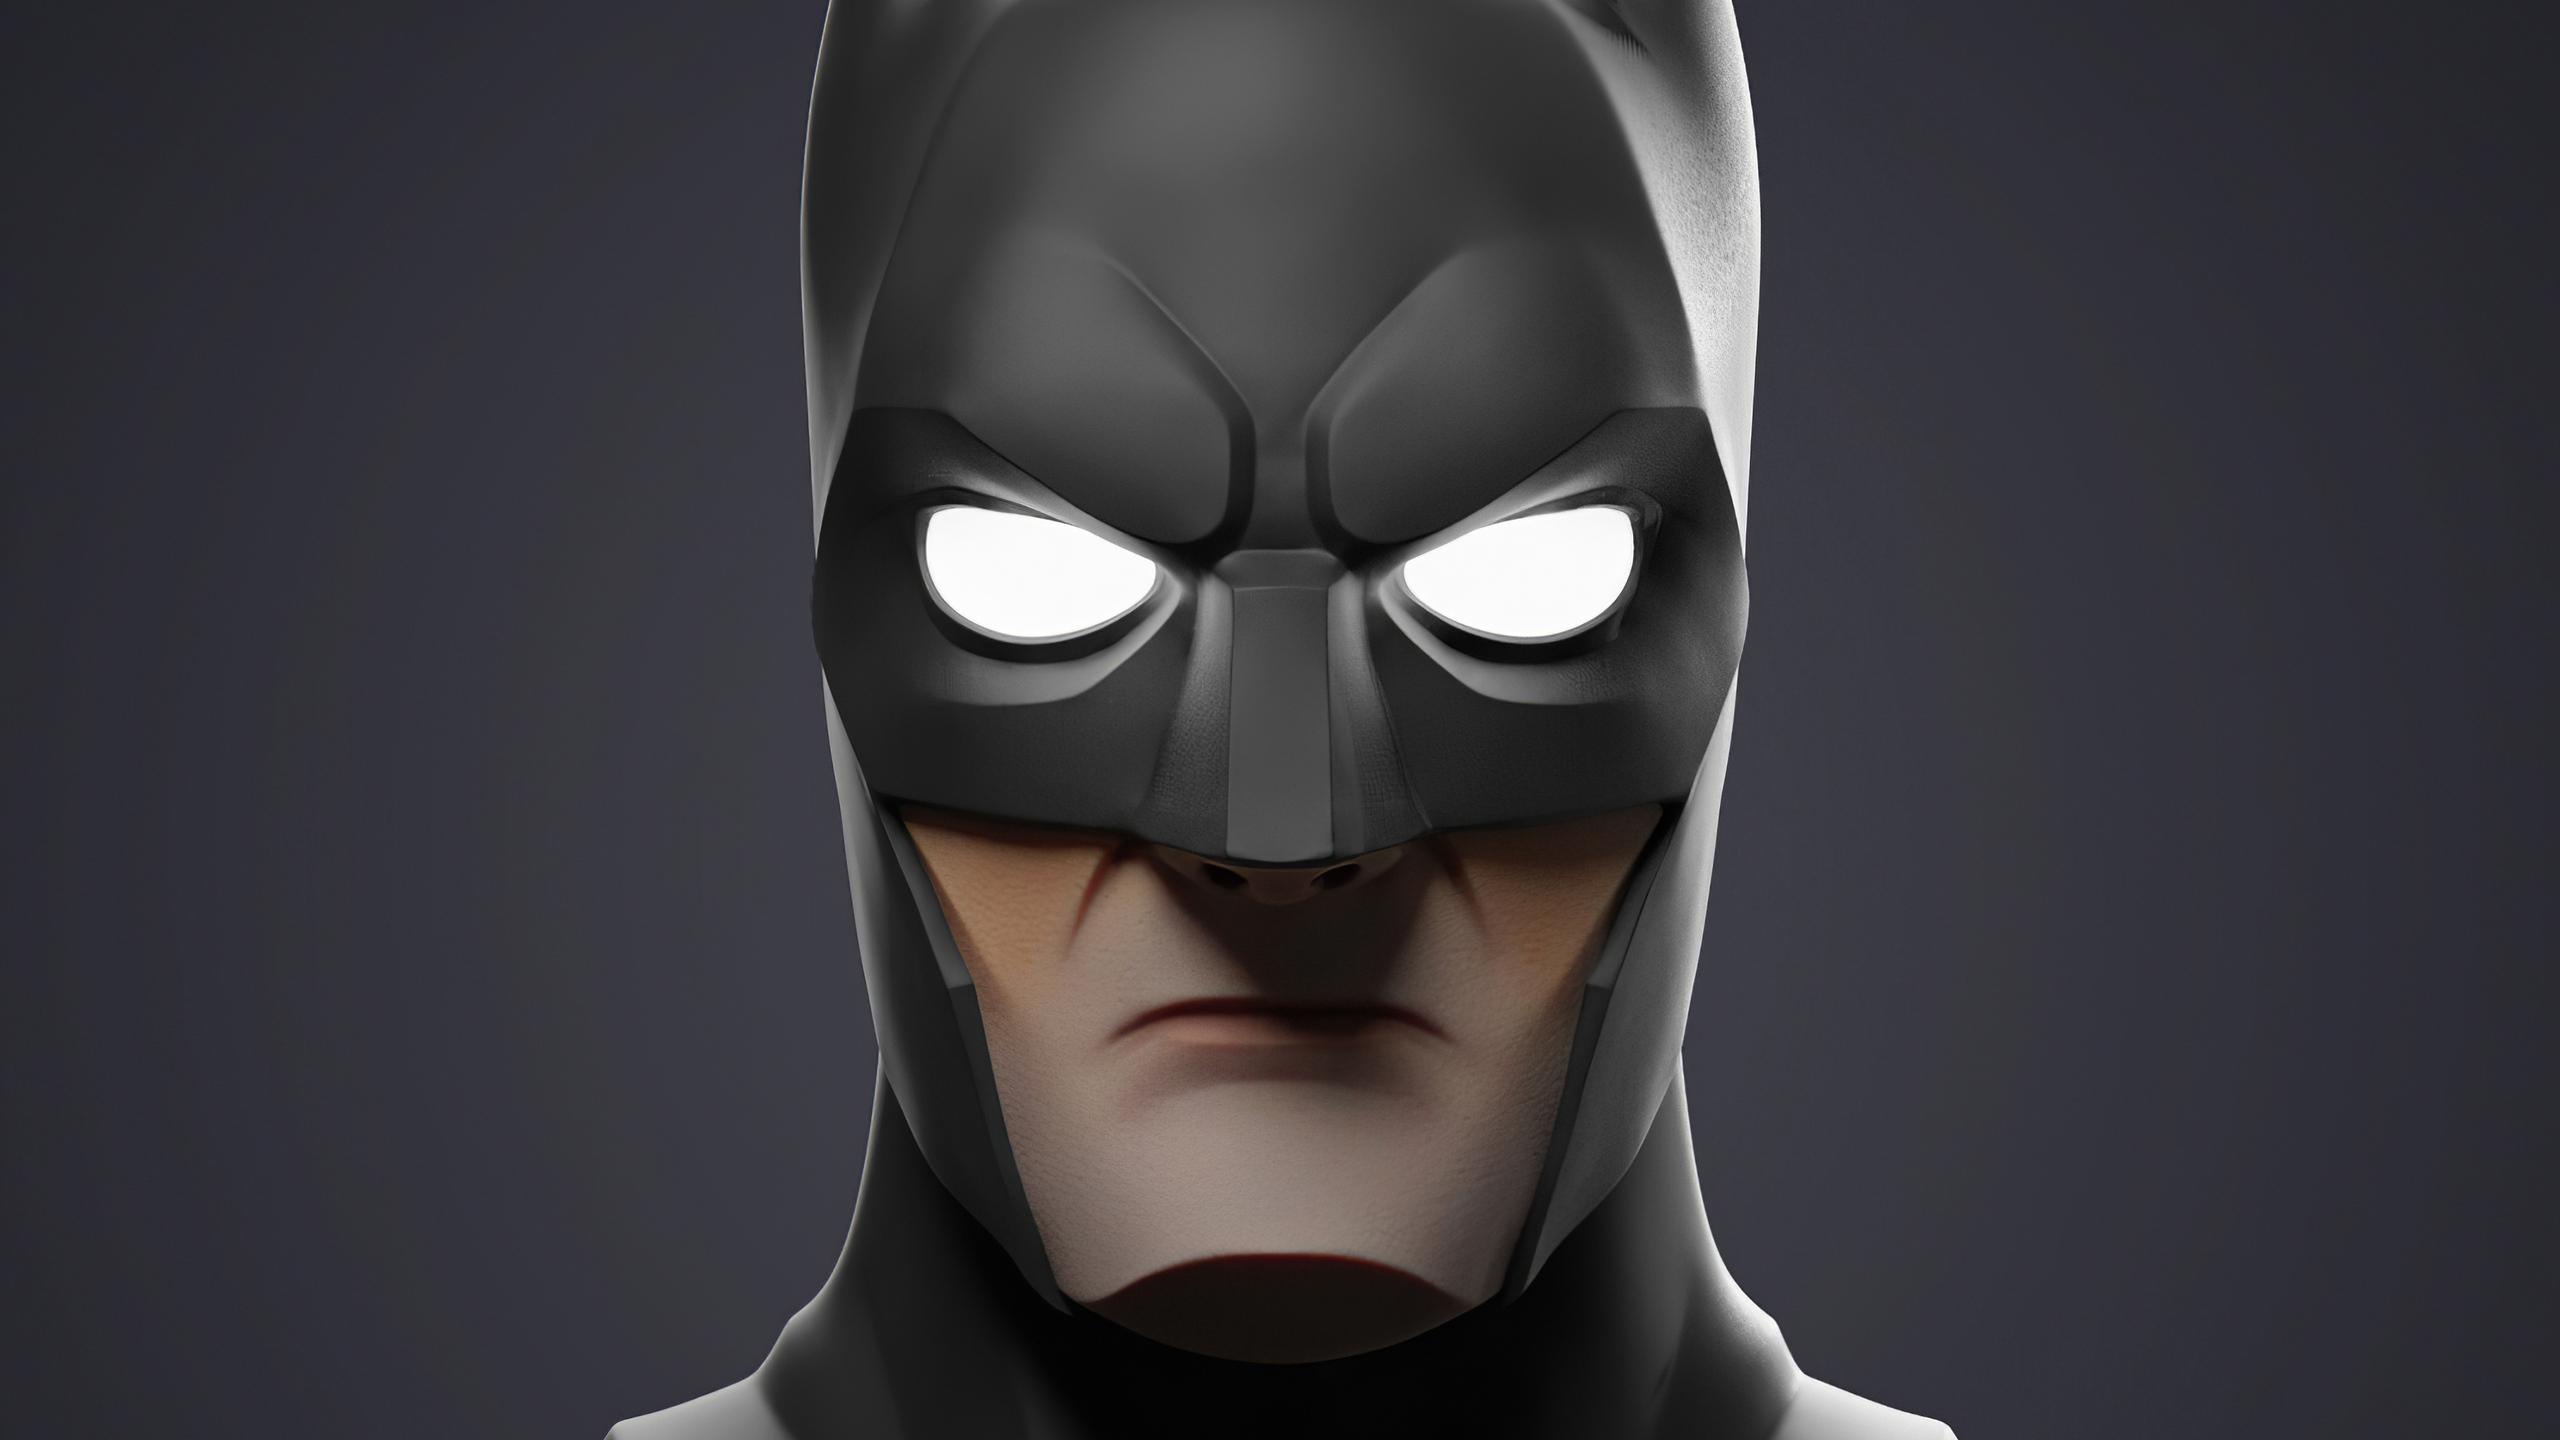 batman-glowing-eyes-4k-v0.jpg